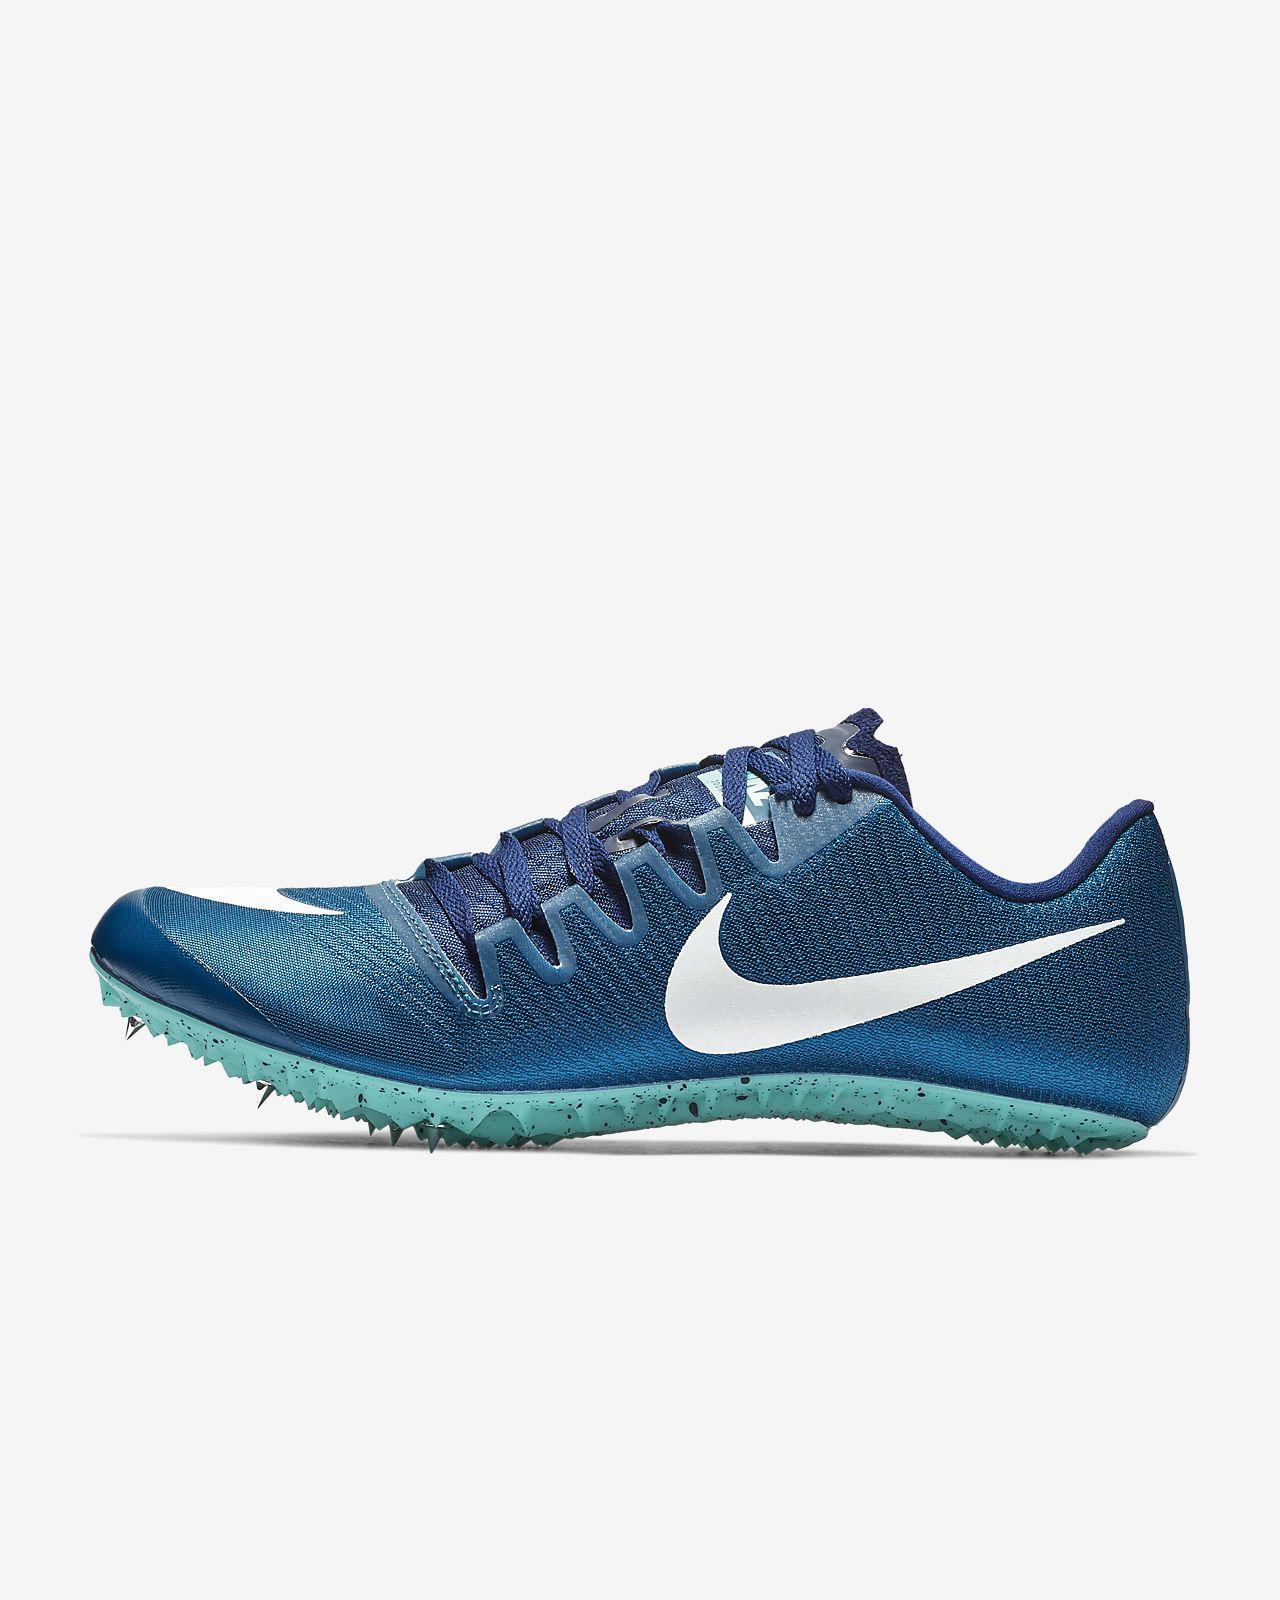 183594e1e860a0 Nike Zoom Ja Fly 3 Unisex Track Spike. Nike.com